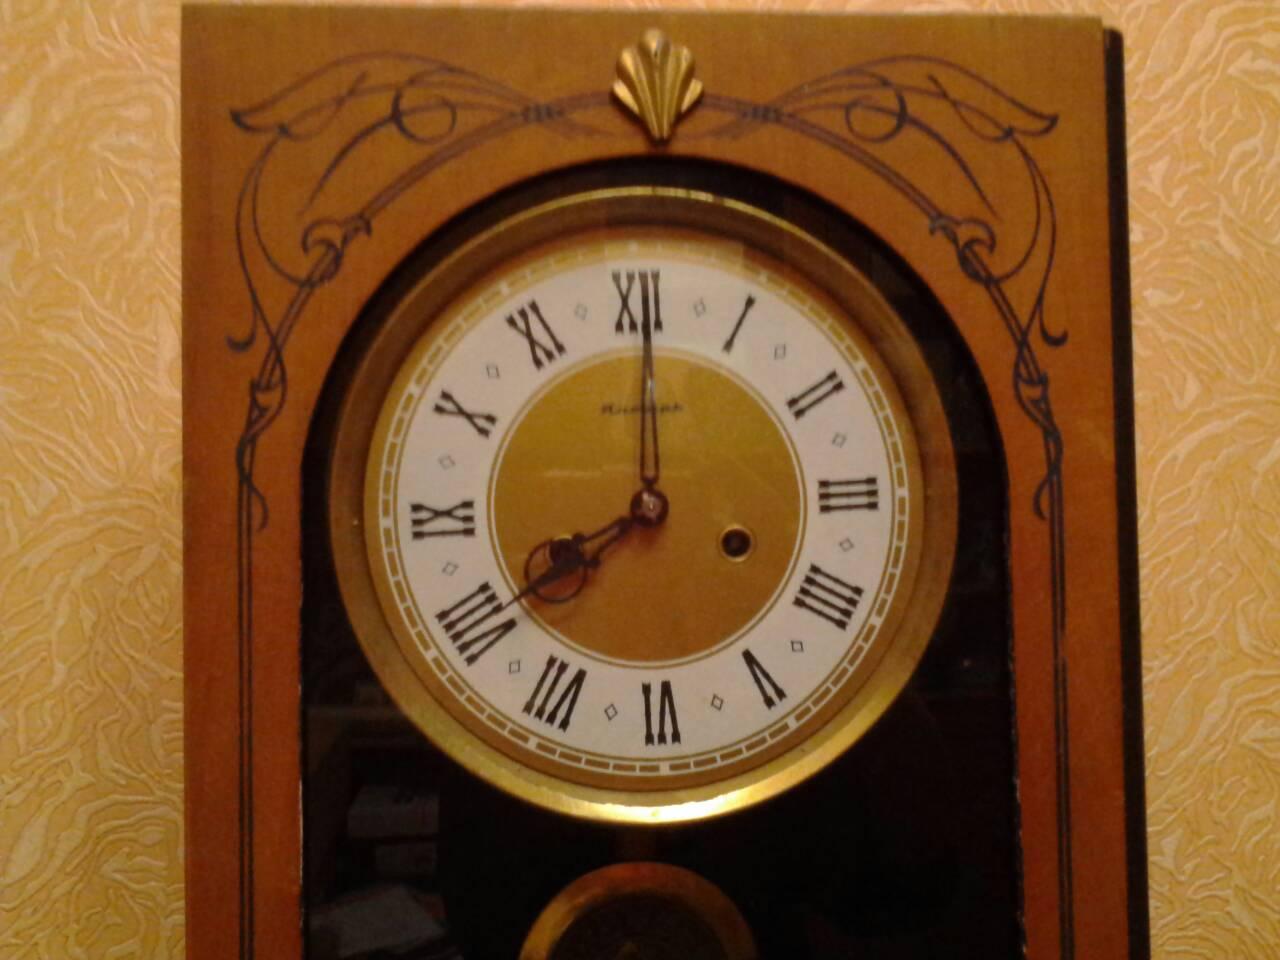 Боем с настенные продать часы няни в час стоимость сочи за